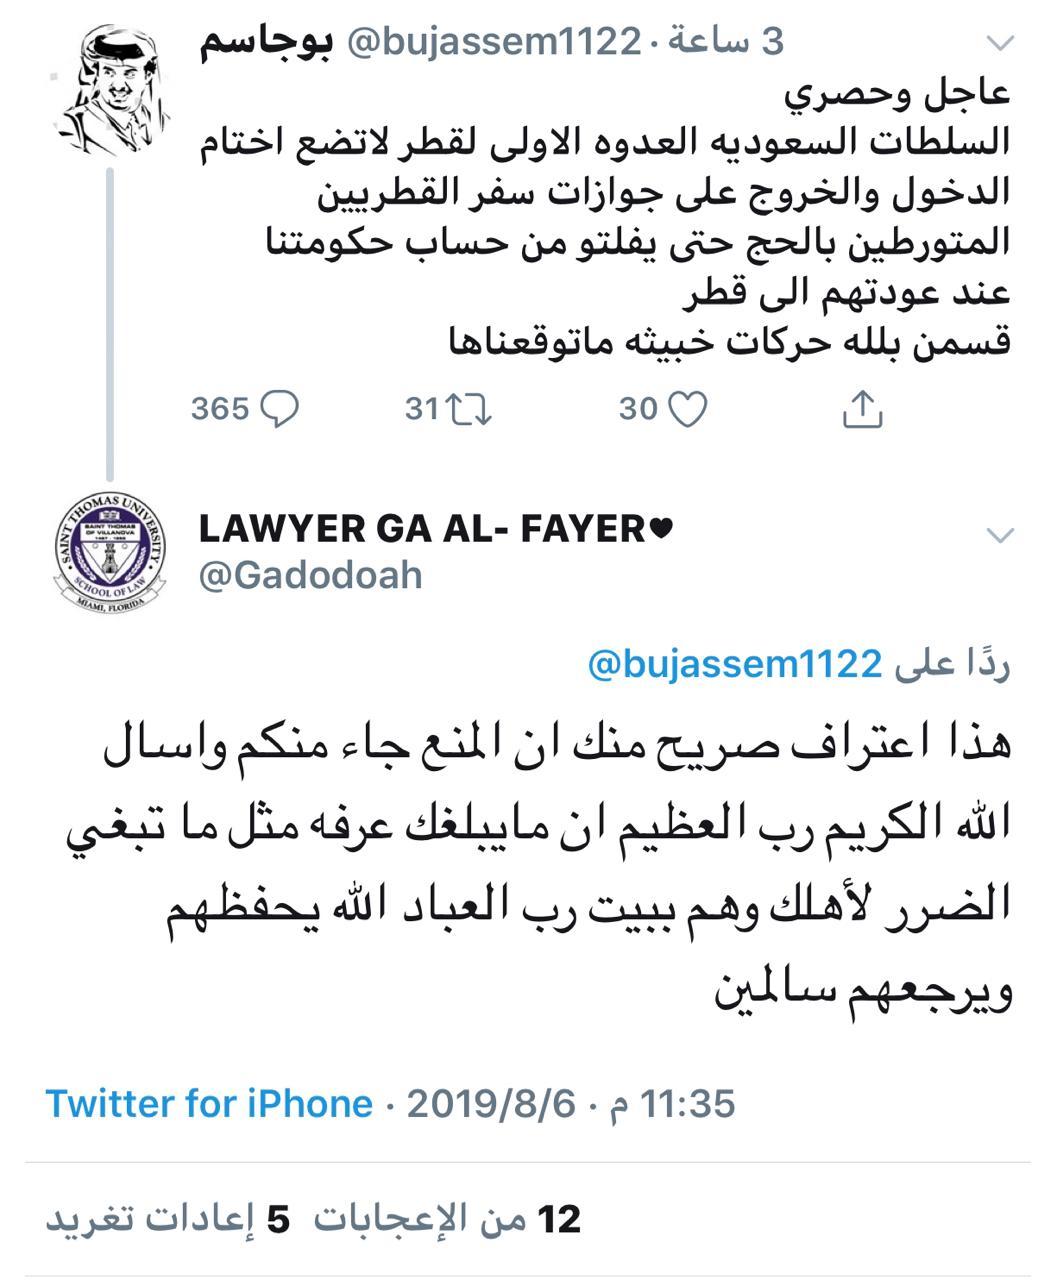 حكومة #قطر تفضح نفسها